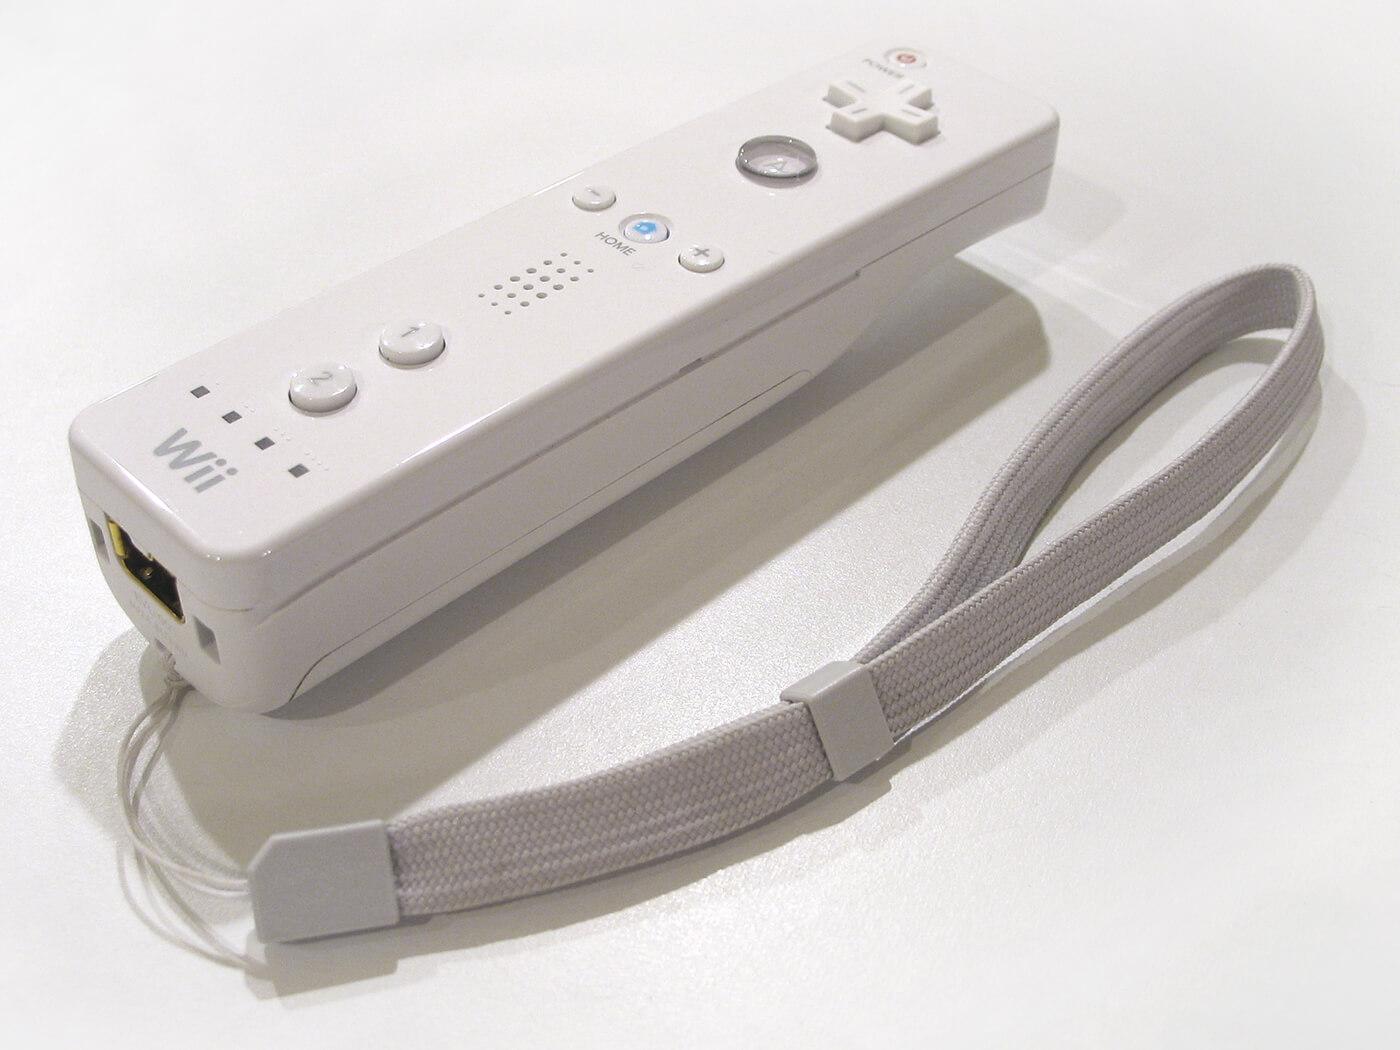 Nintendo Wii remote control